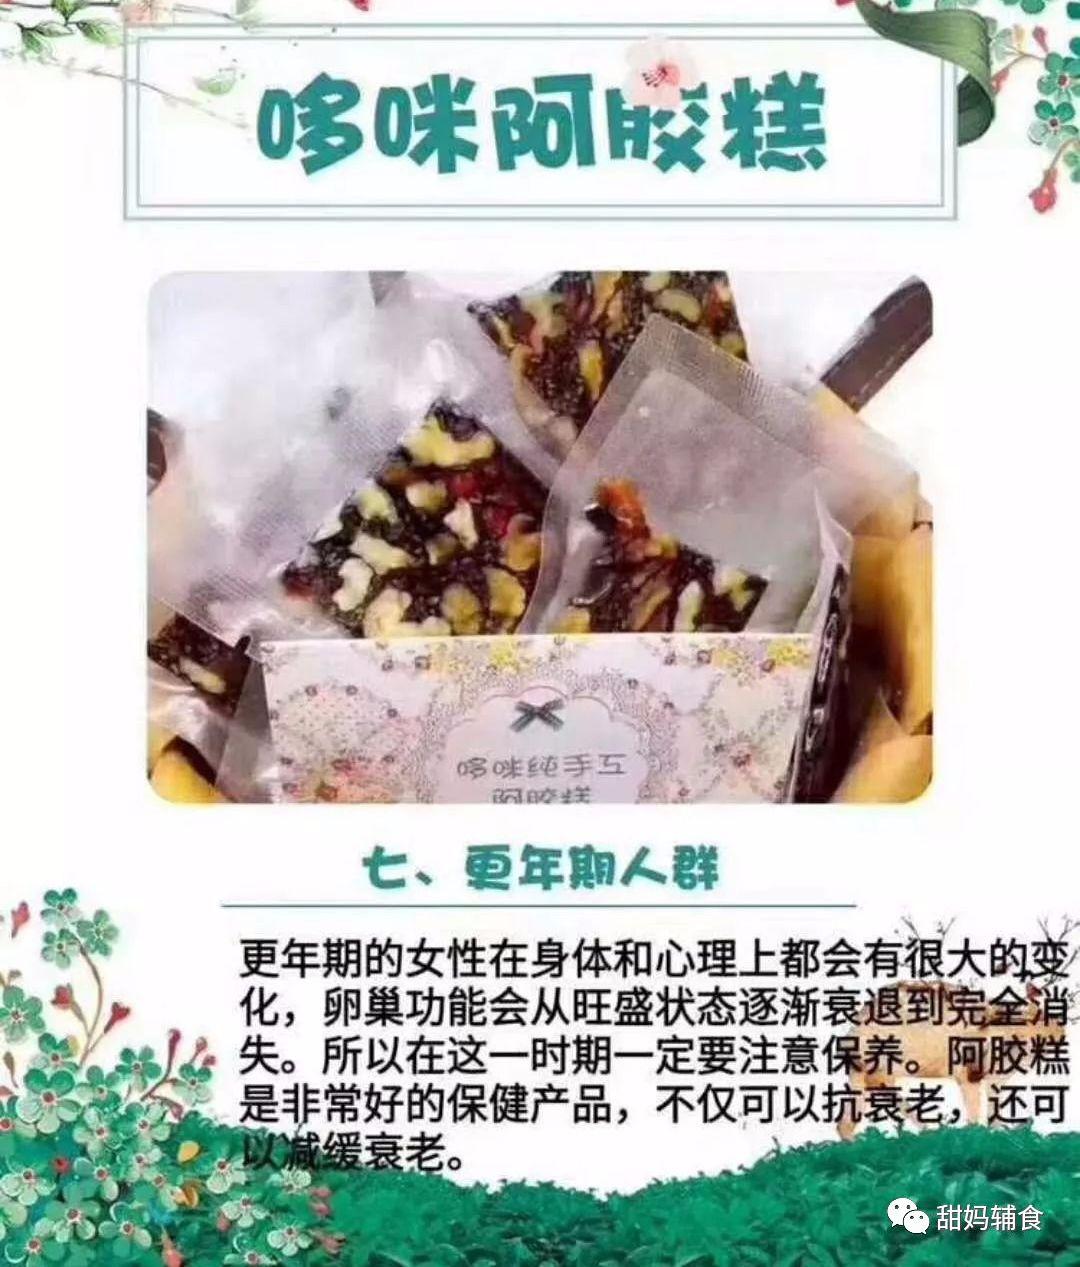 夏季渐临,最适宜吃的竟是阿胶!插图(8)